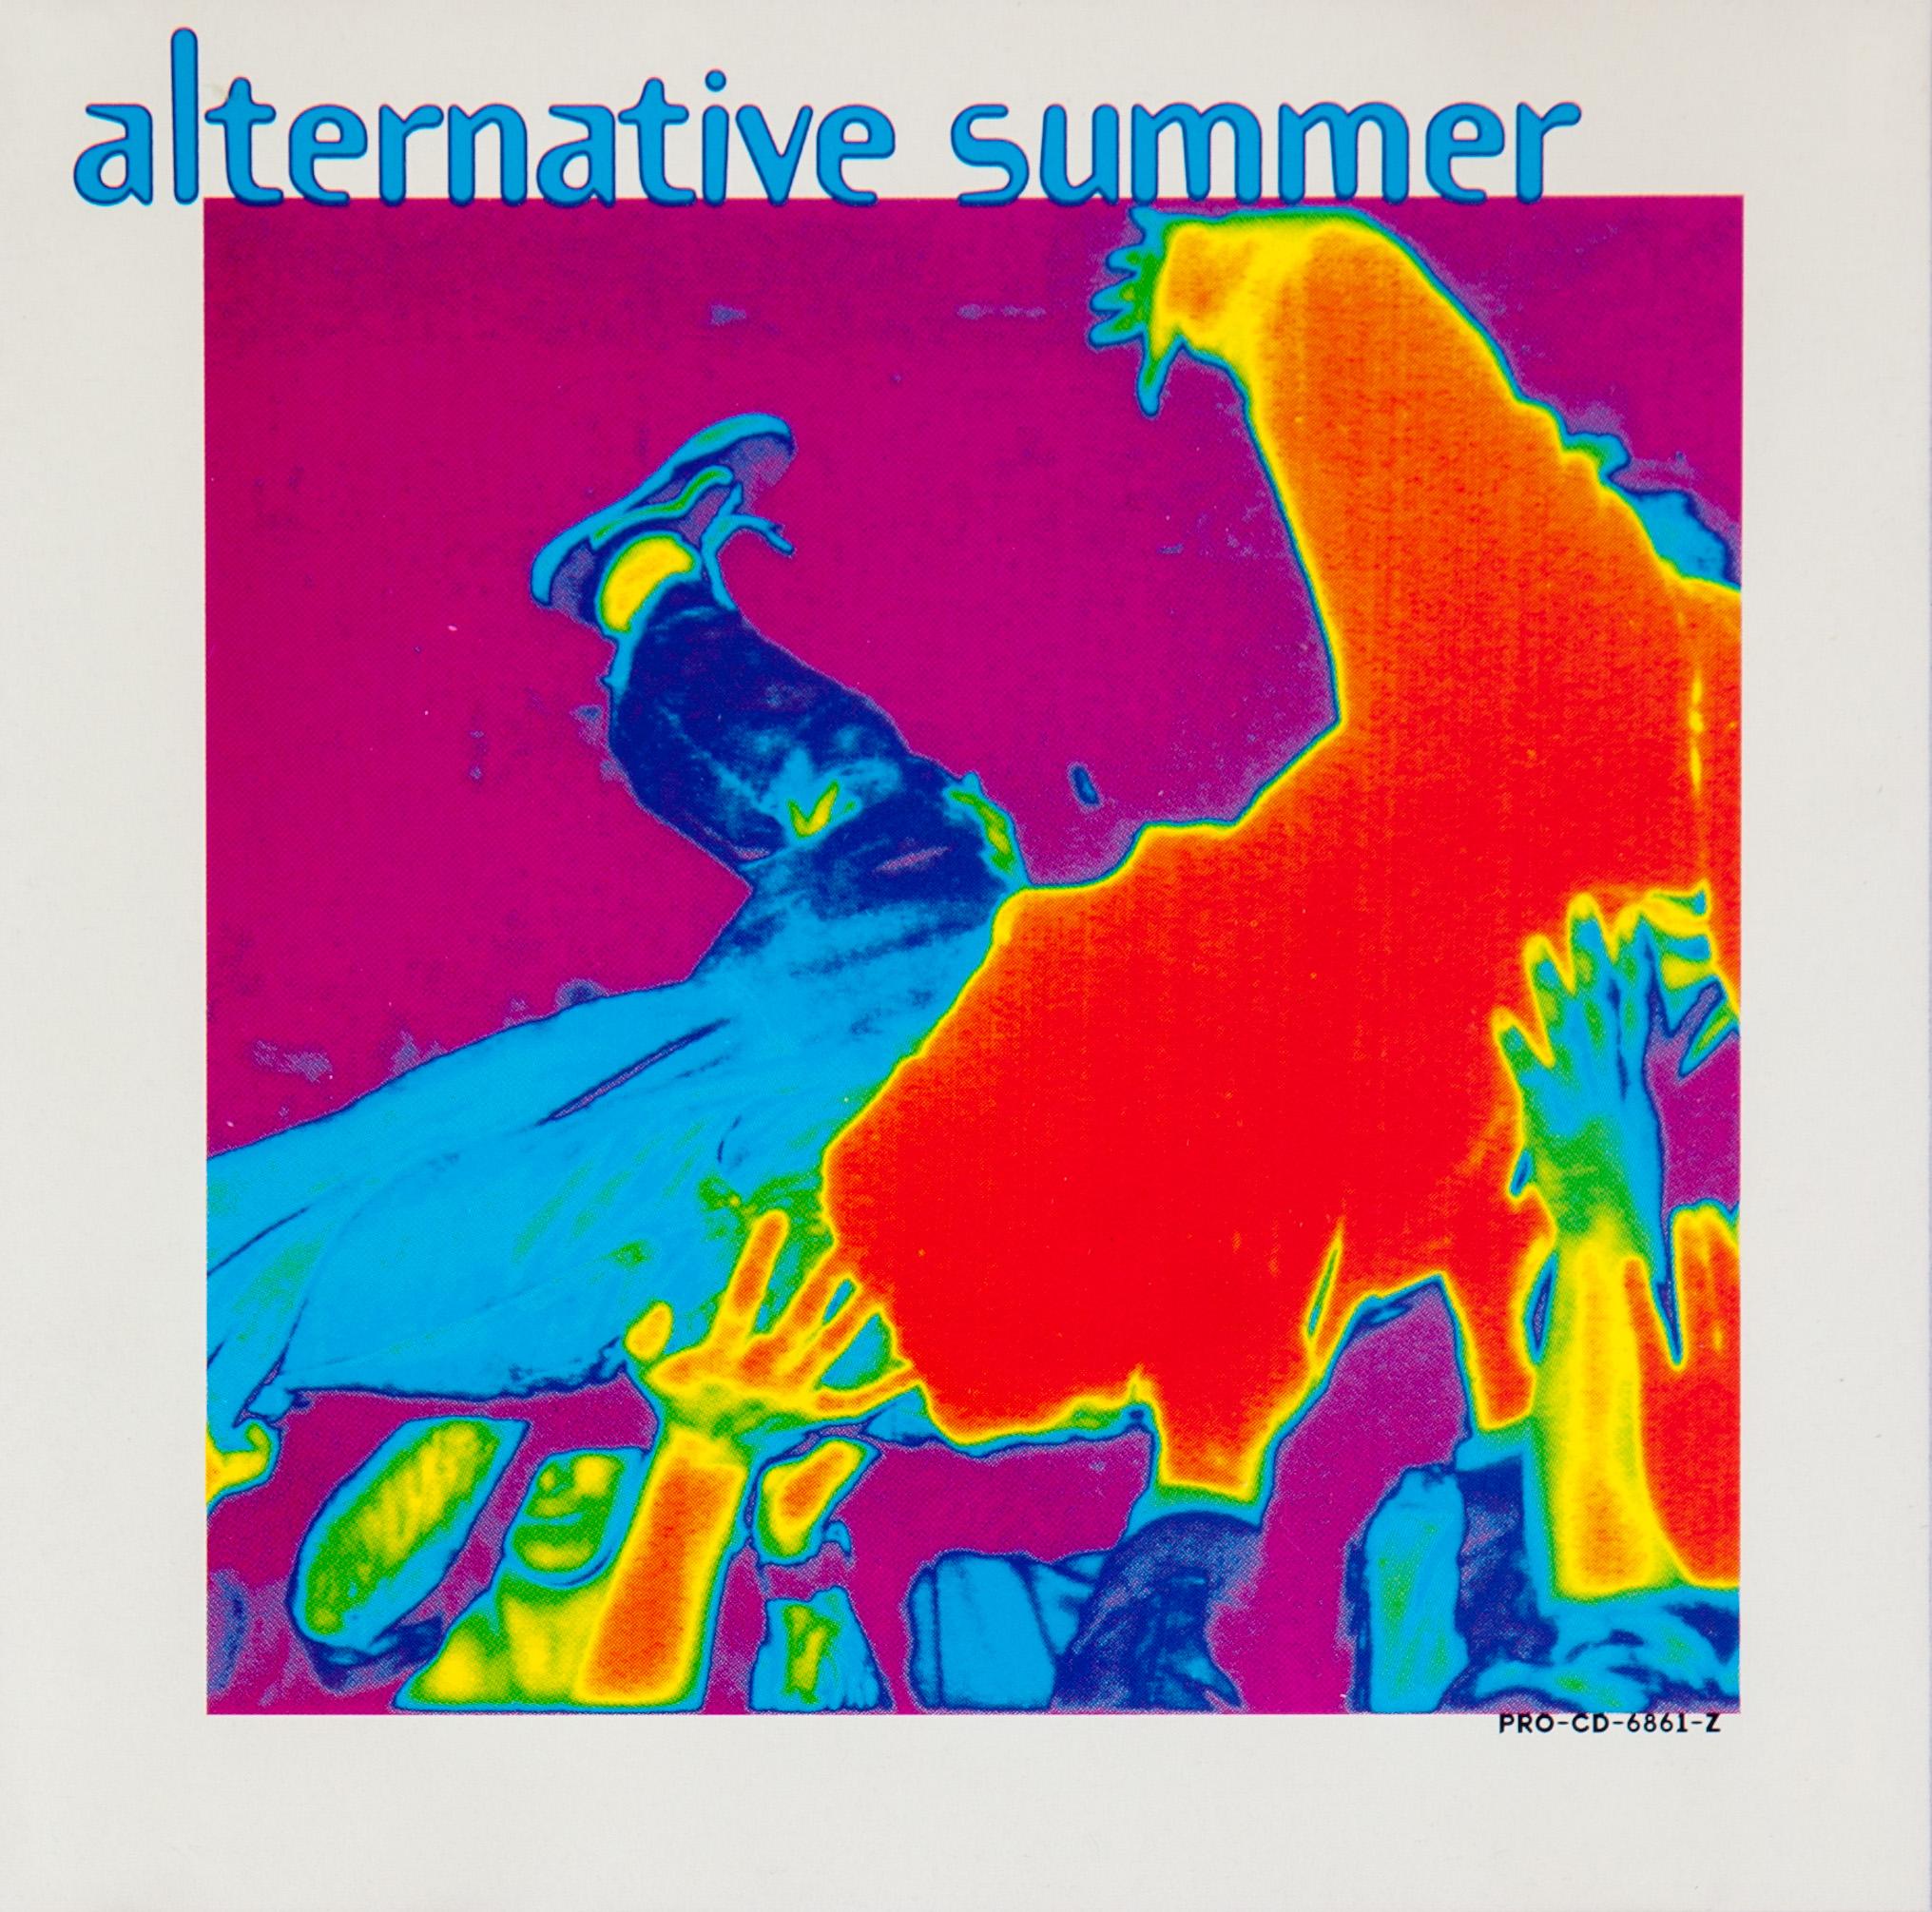 2015-0330-BJPapas_AlbumCovers_AlternativeSummer_Front+Back0139.jpg